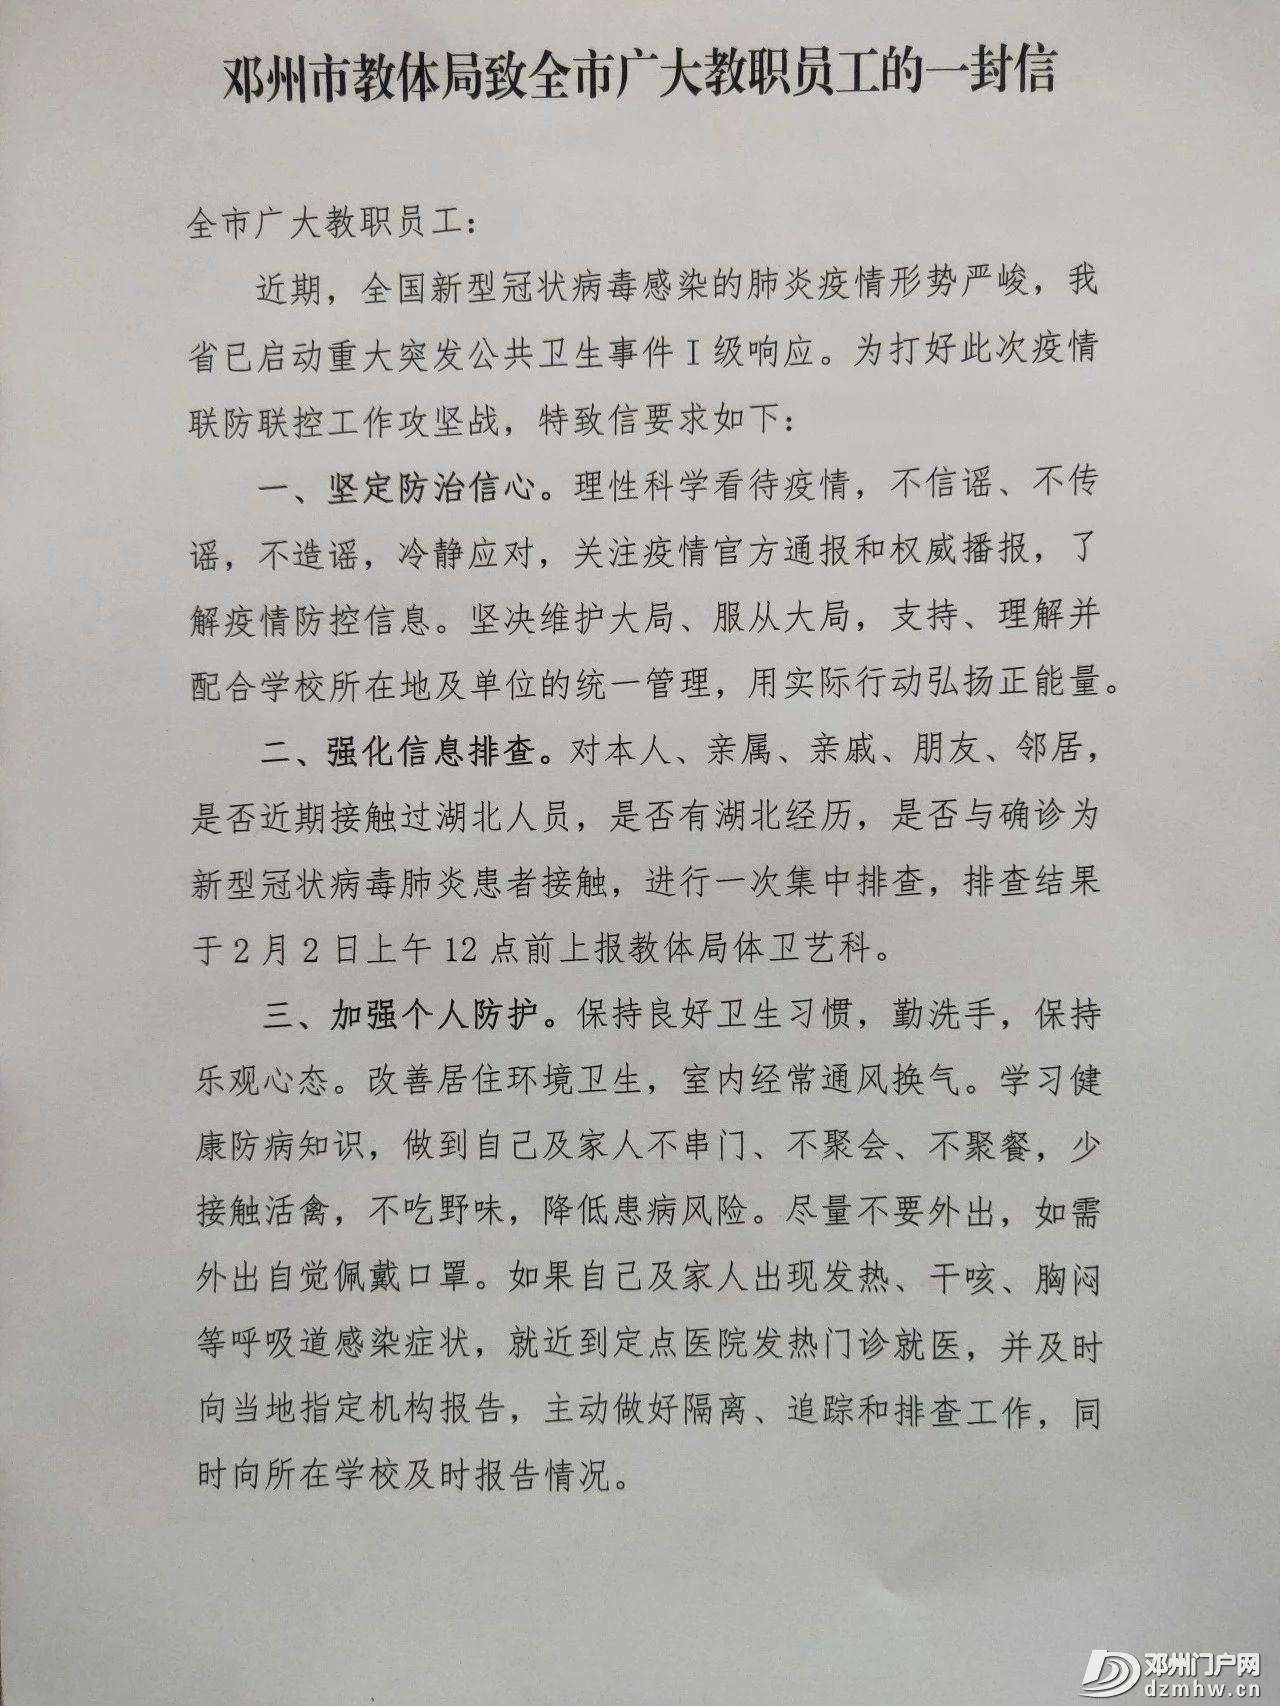 重要提示!邓州市教体局致全市广大教职员工的一封信 - 邓州门户网|邓州网 - 5d6e5e7aeccf8037e3b4dd63606b1f05.jpg